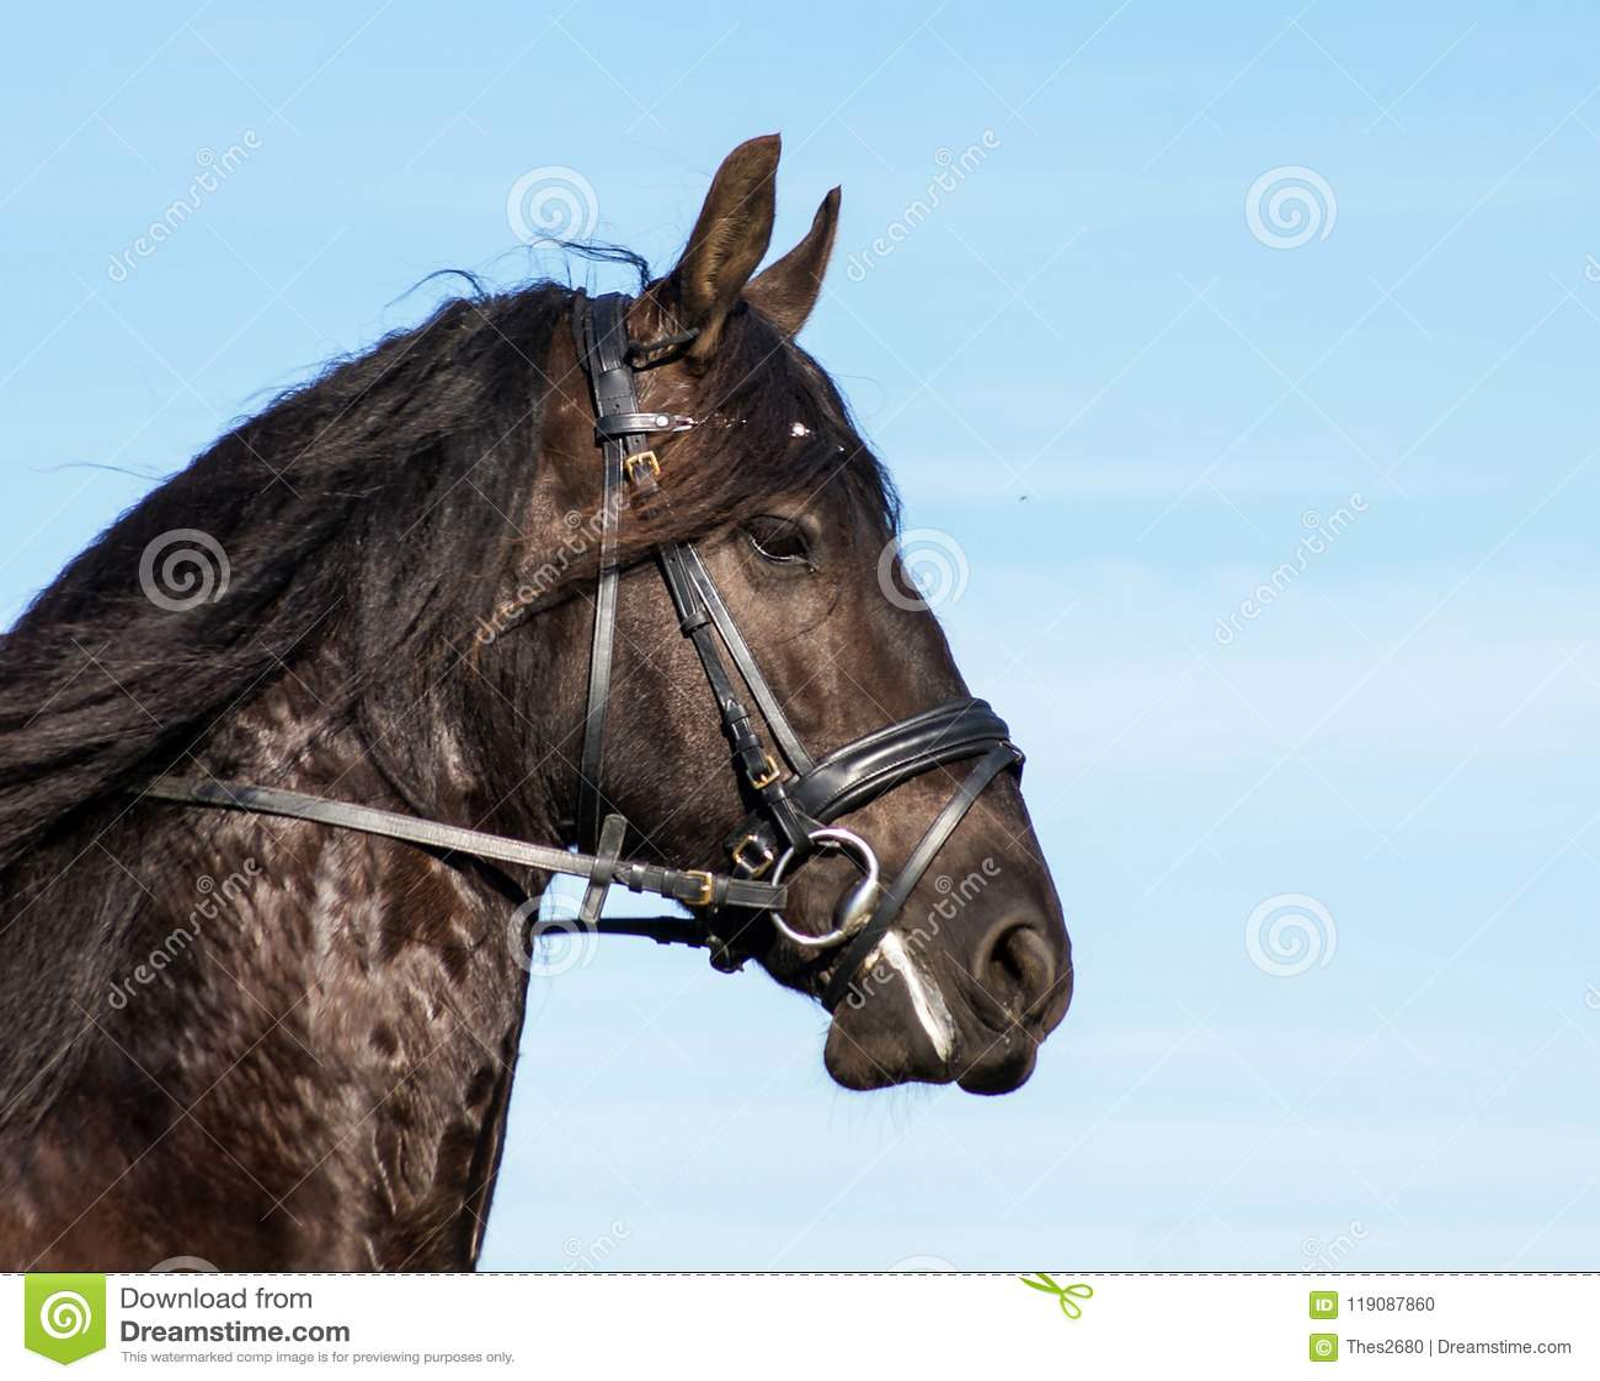 Friesian horse portrait